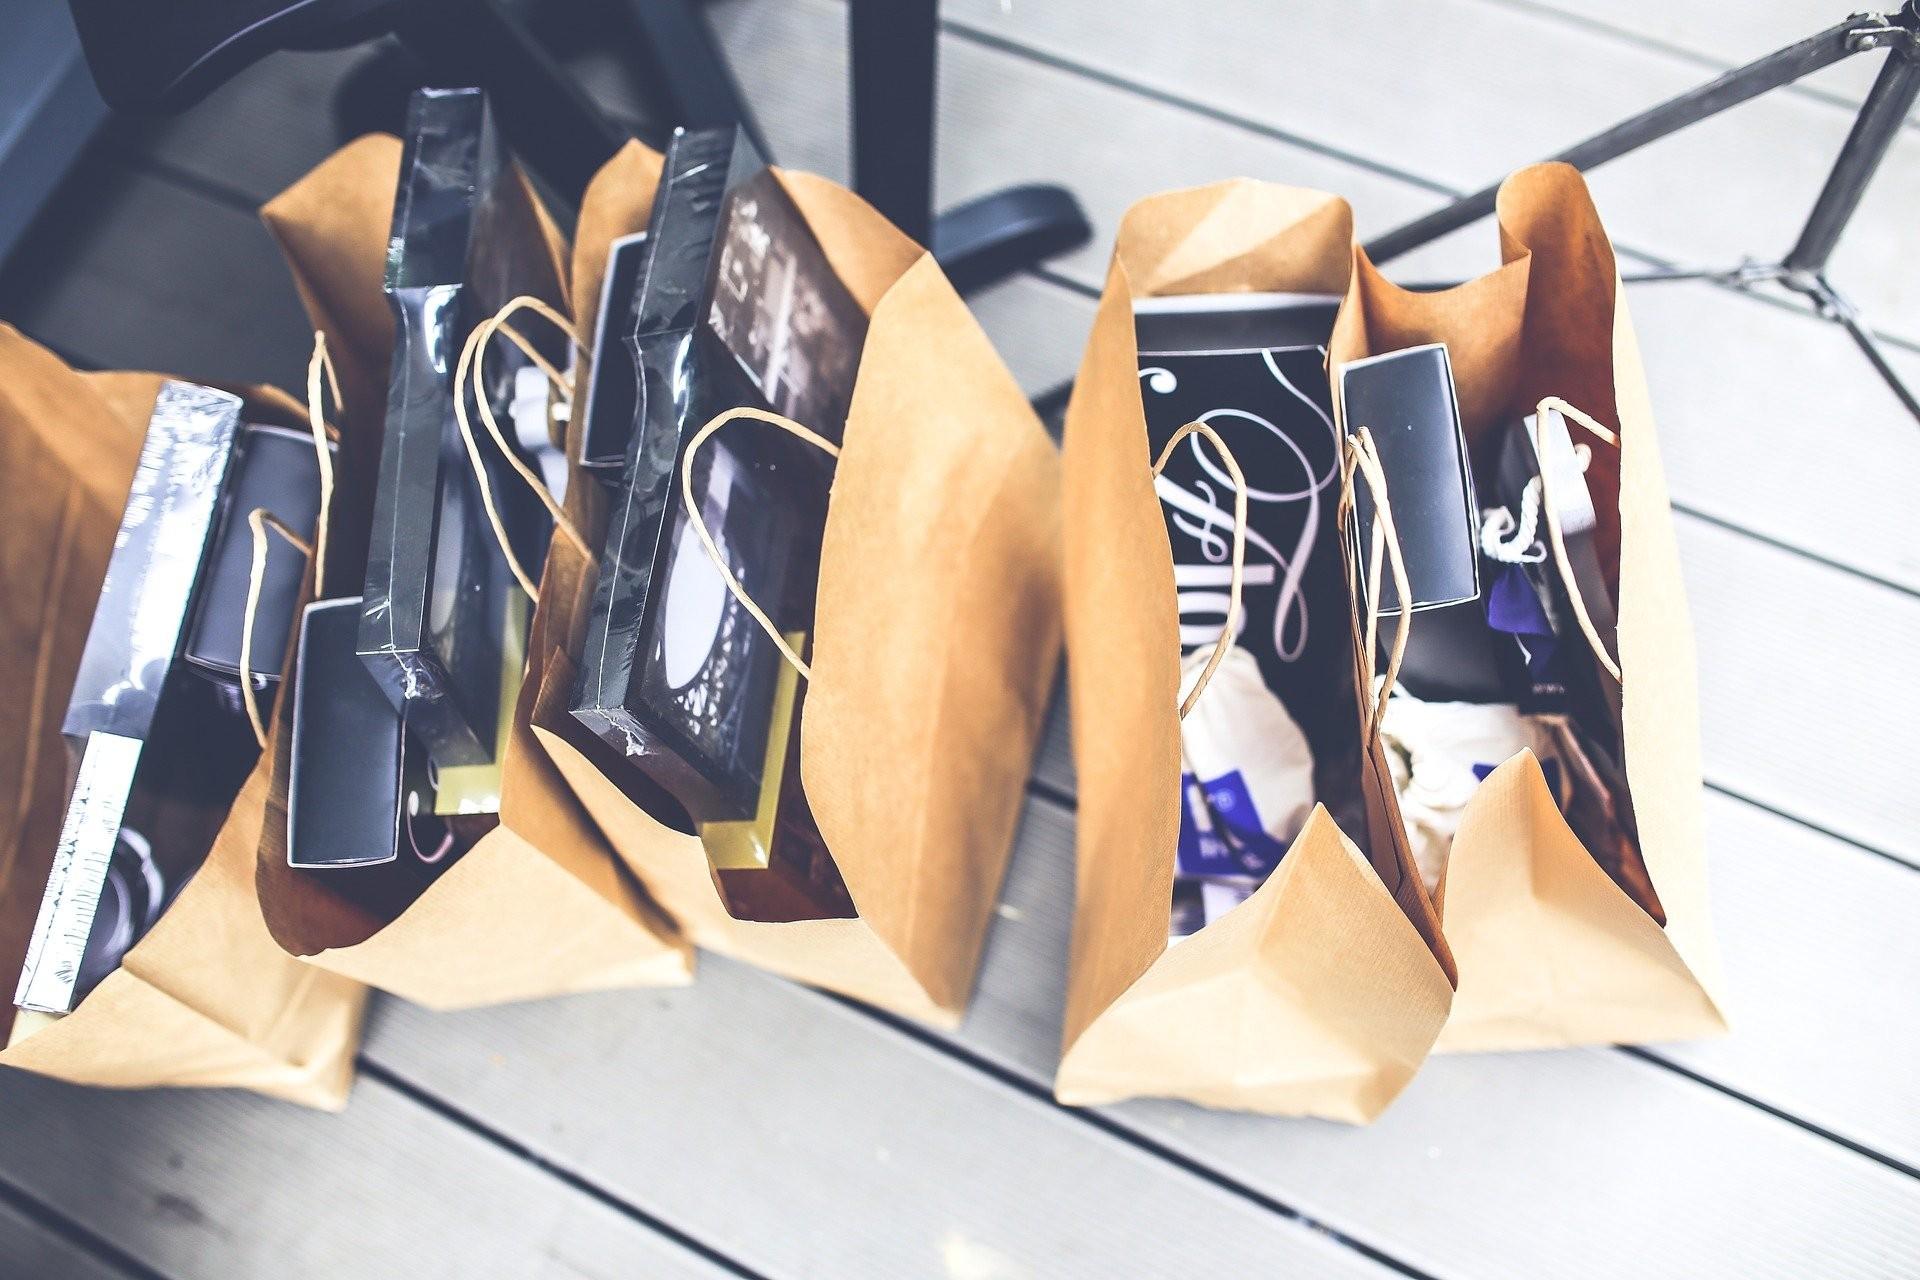 ▲購物,血拼(示意圖/取自免費圖庫Pixabay)